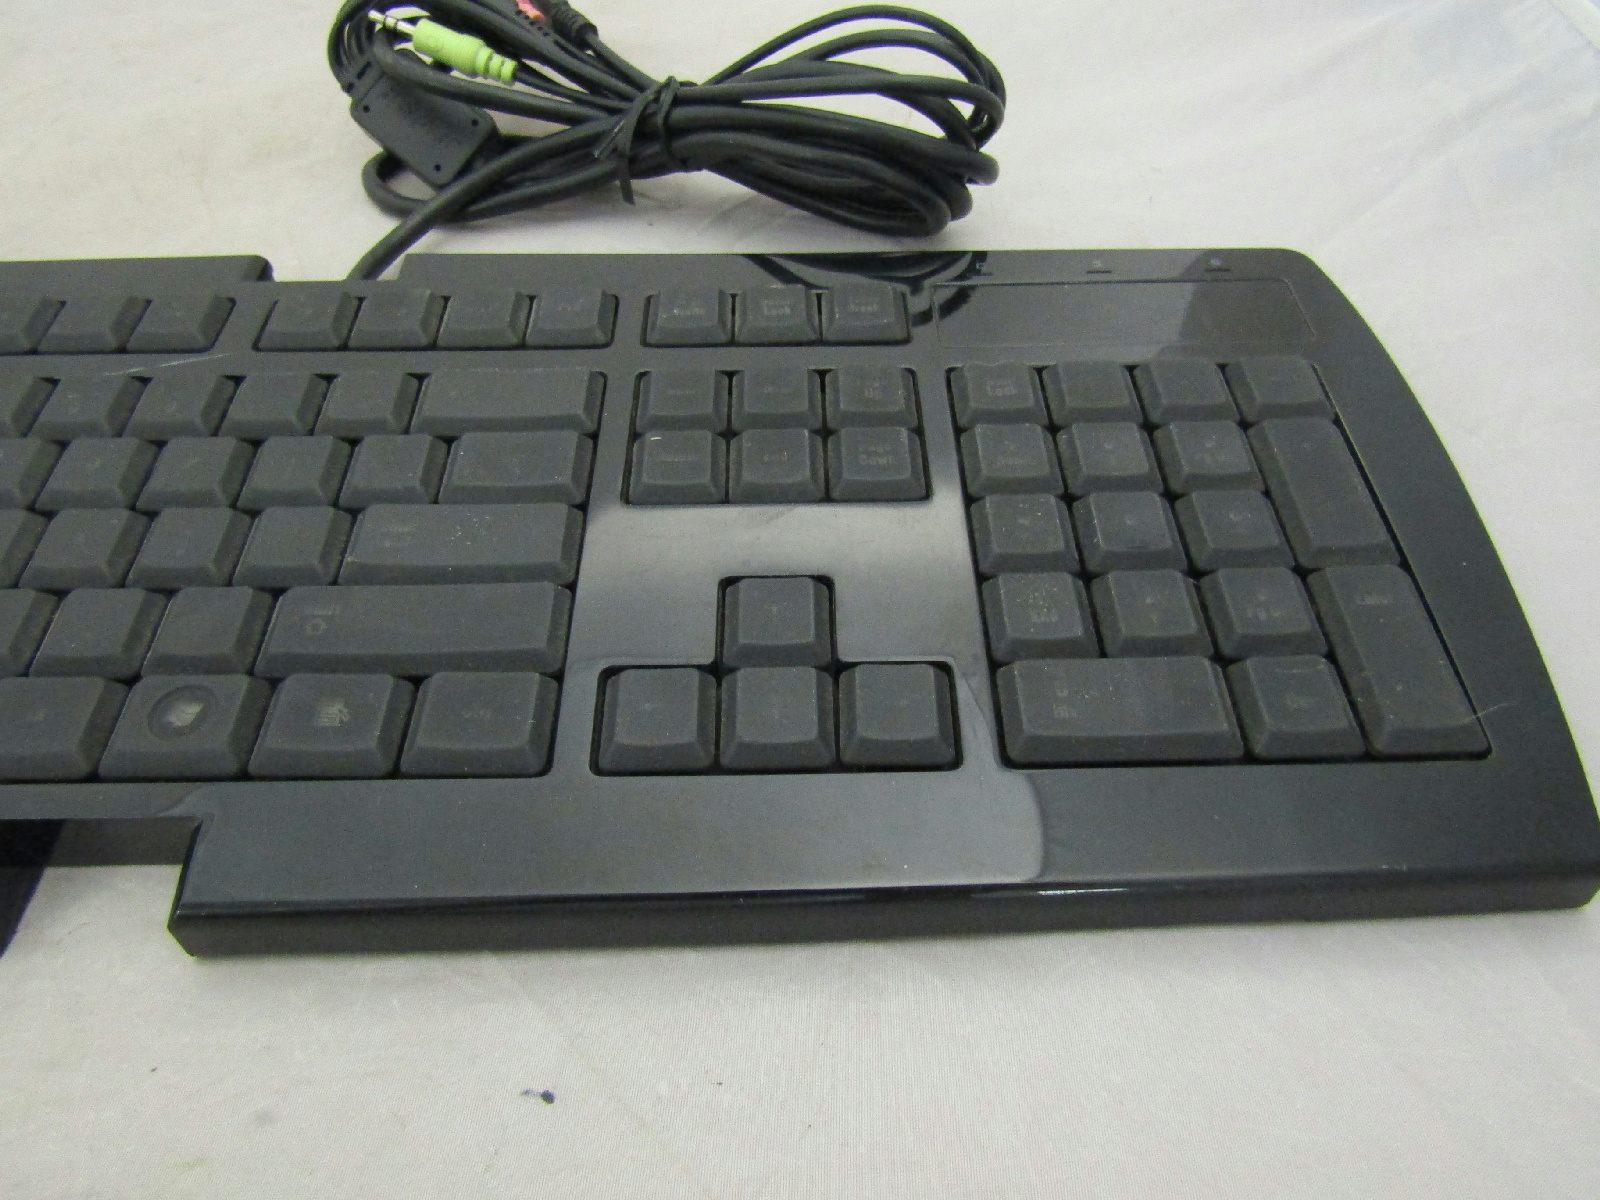 sata to usb plug plug wiring diagram razer lycosa keyboard programmable usb wired deathadder ... razer lycosa keyboard usb plug wiring diagram